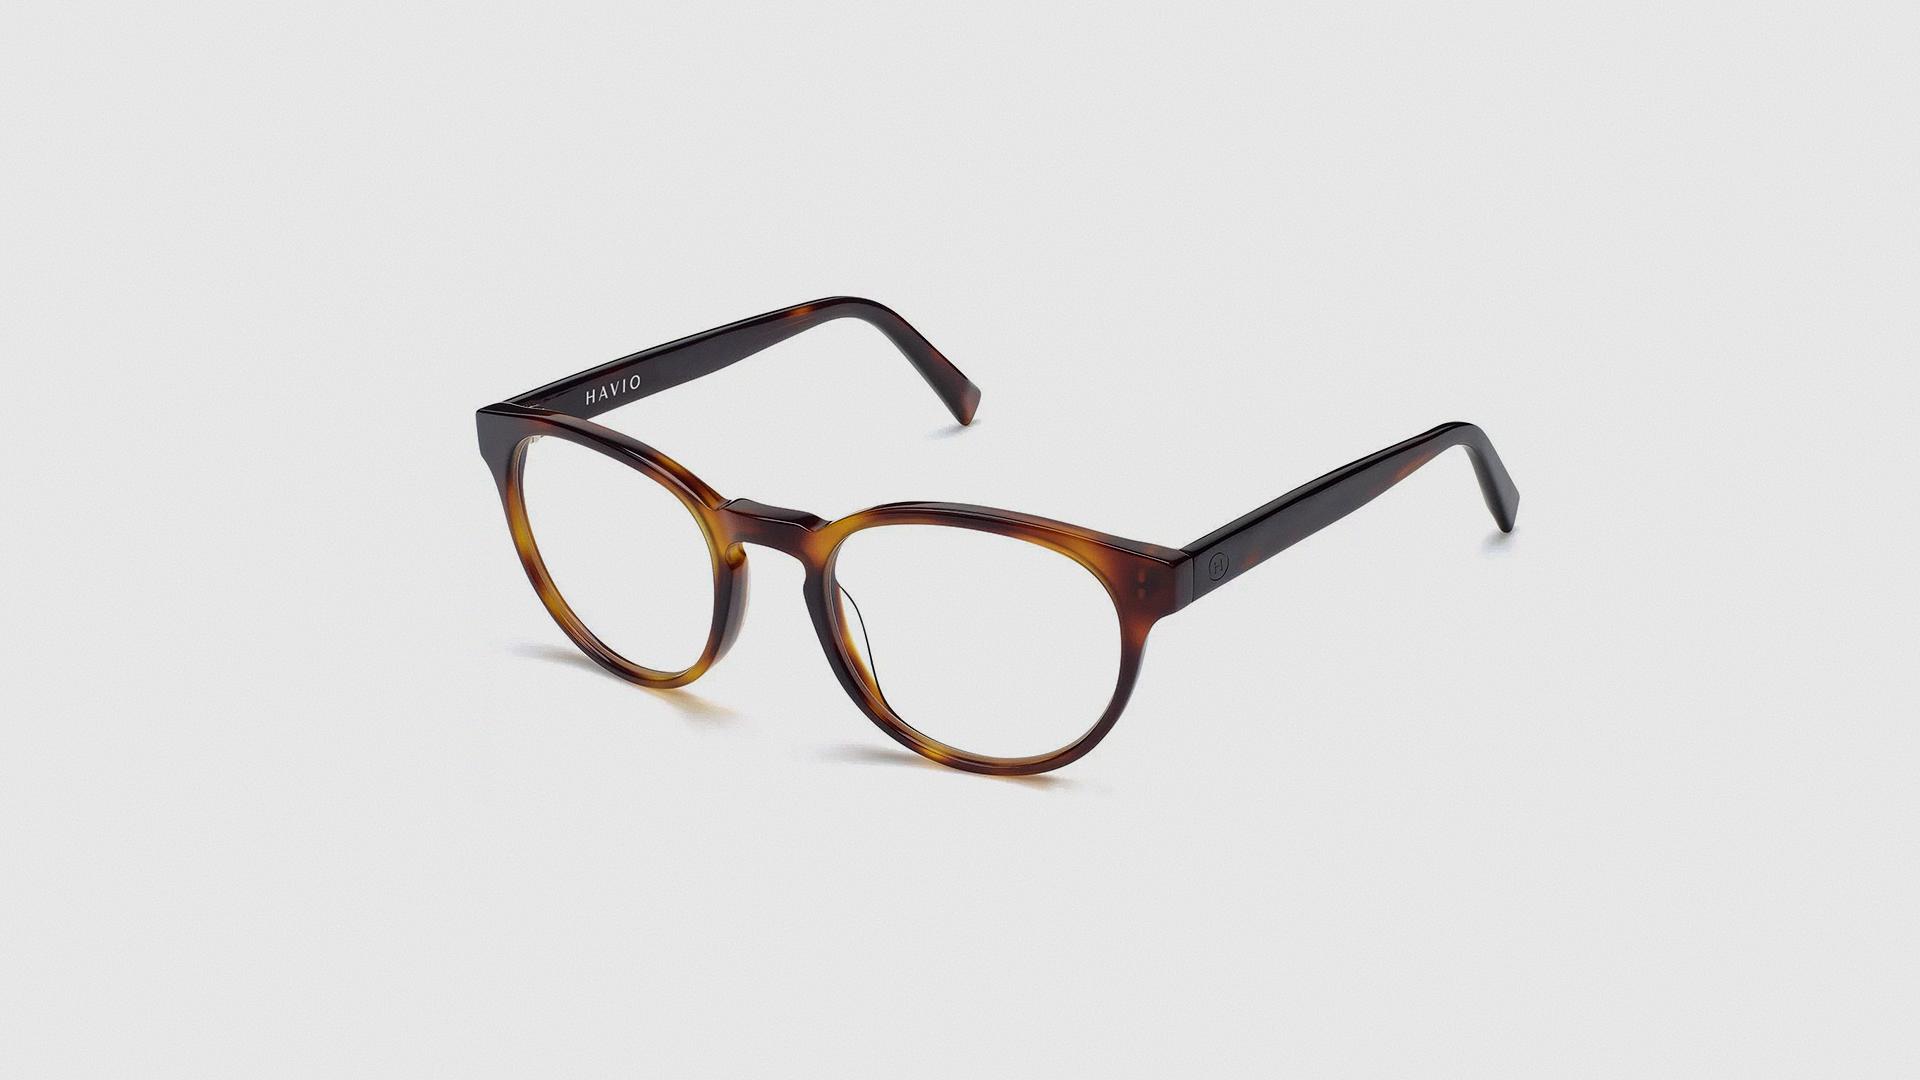 havio_oculos_01.png